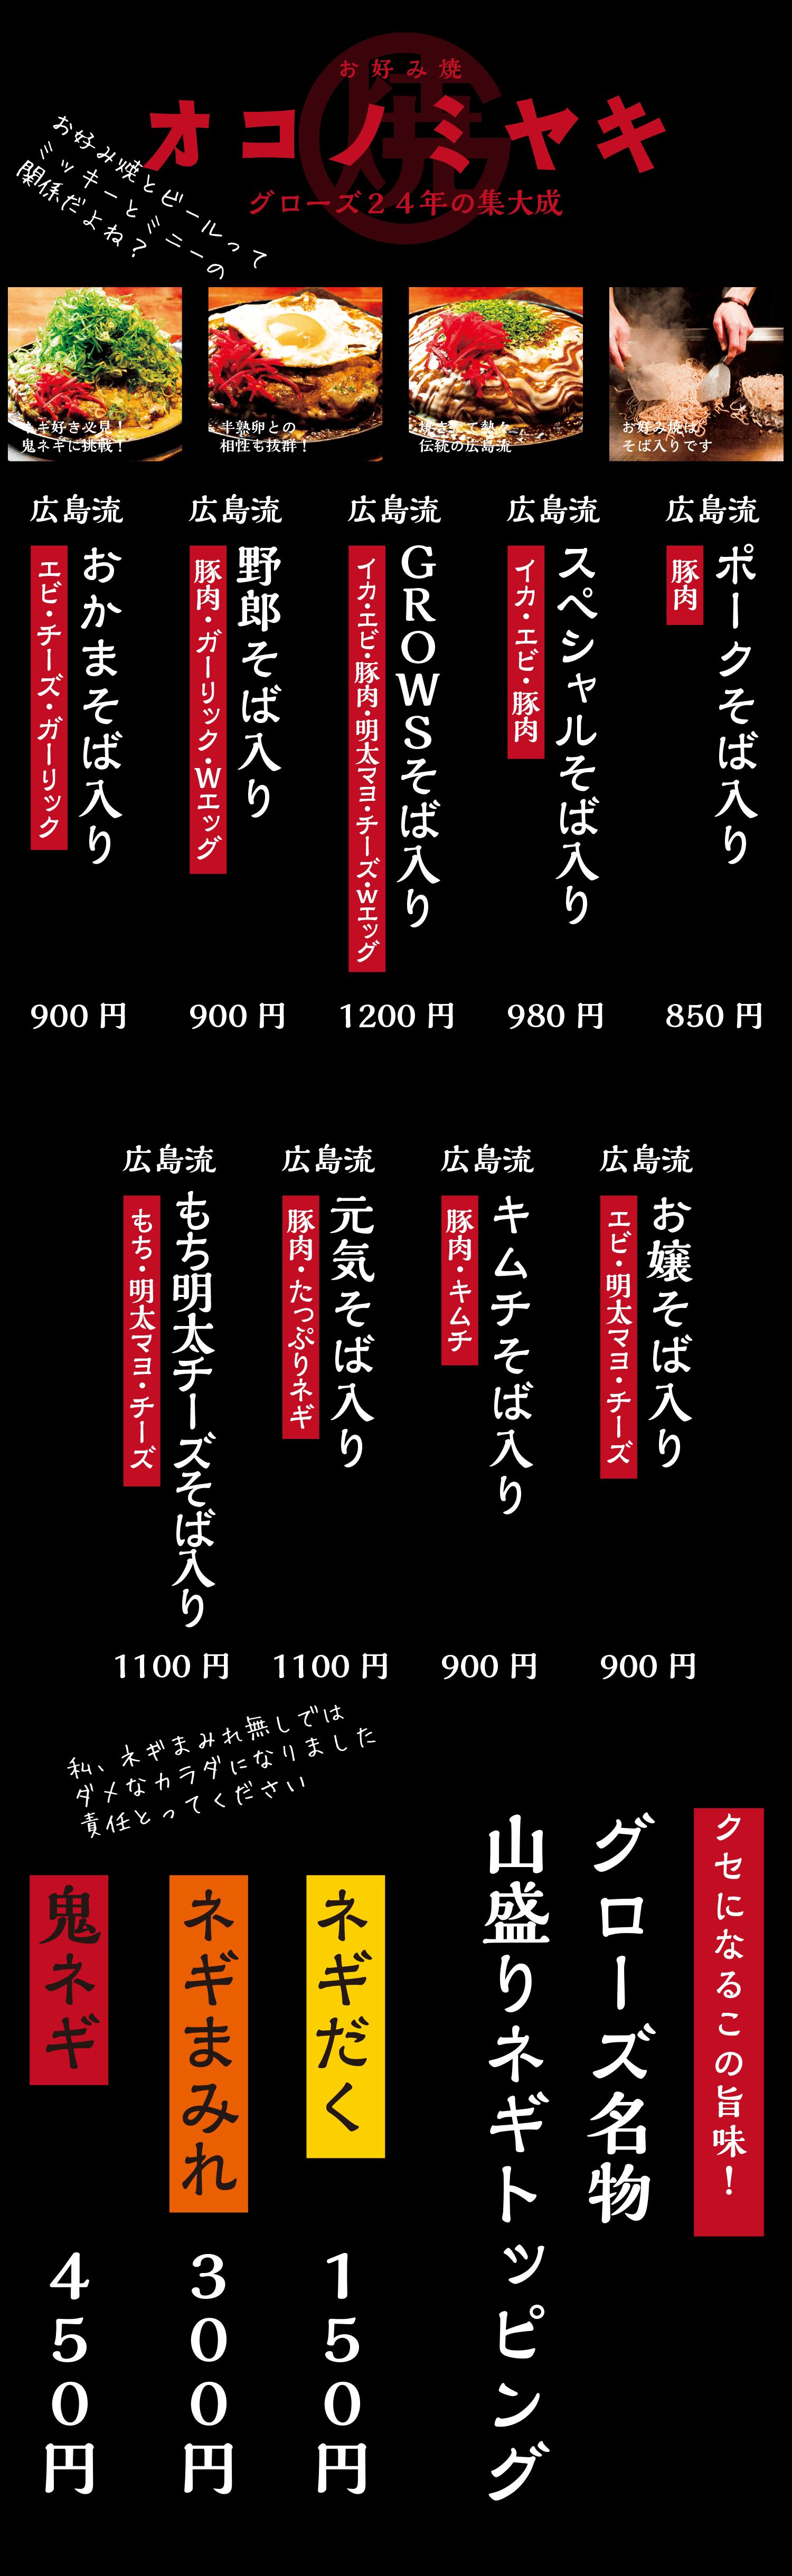 オコノミヤキ画像